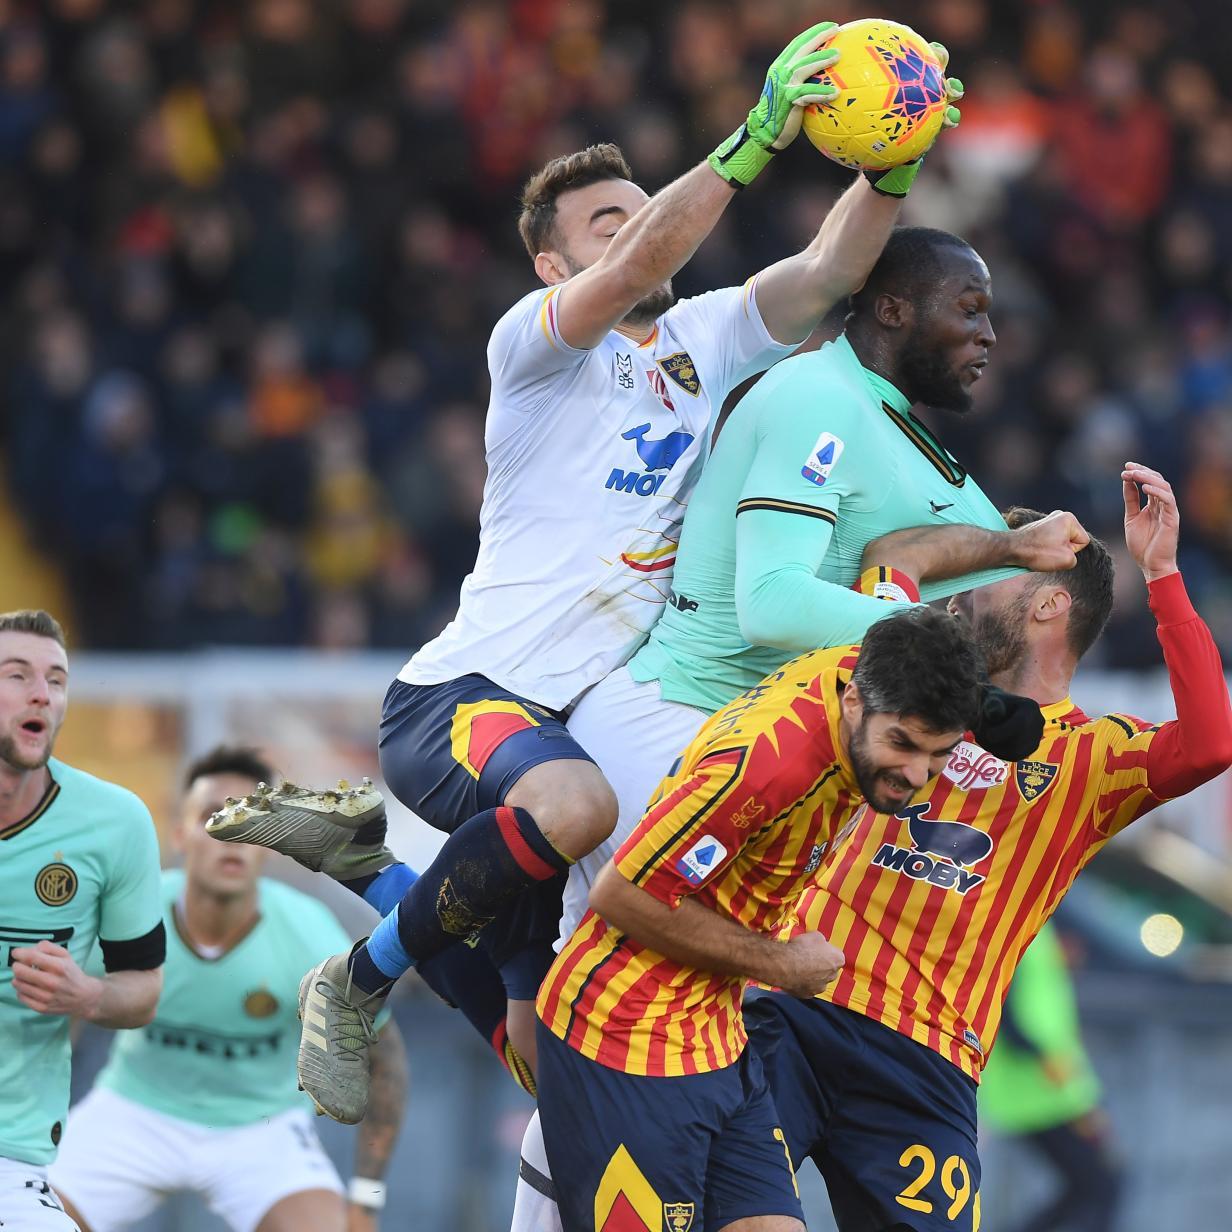 Fußball-Splitter: Inter Mailand patzt ohne Lazaro in Lecce